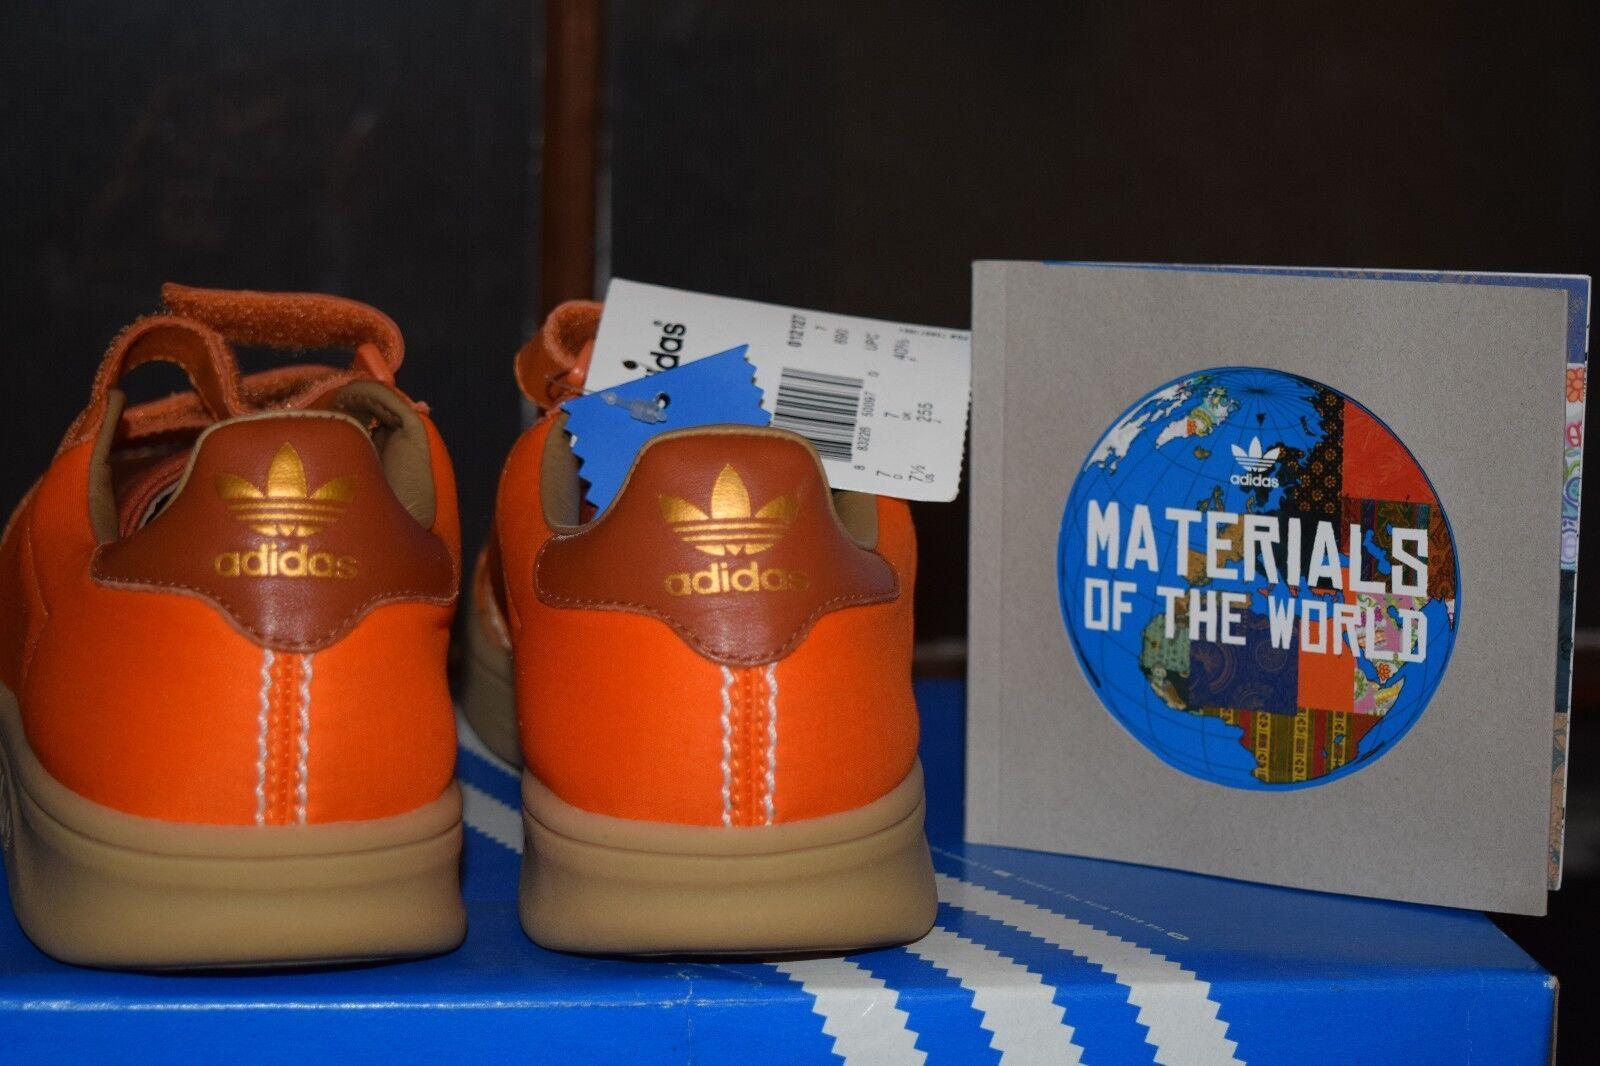 Adidas Rider Tailandia materiales raros de de raros The mundo Zapatos raros c82197